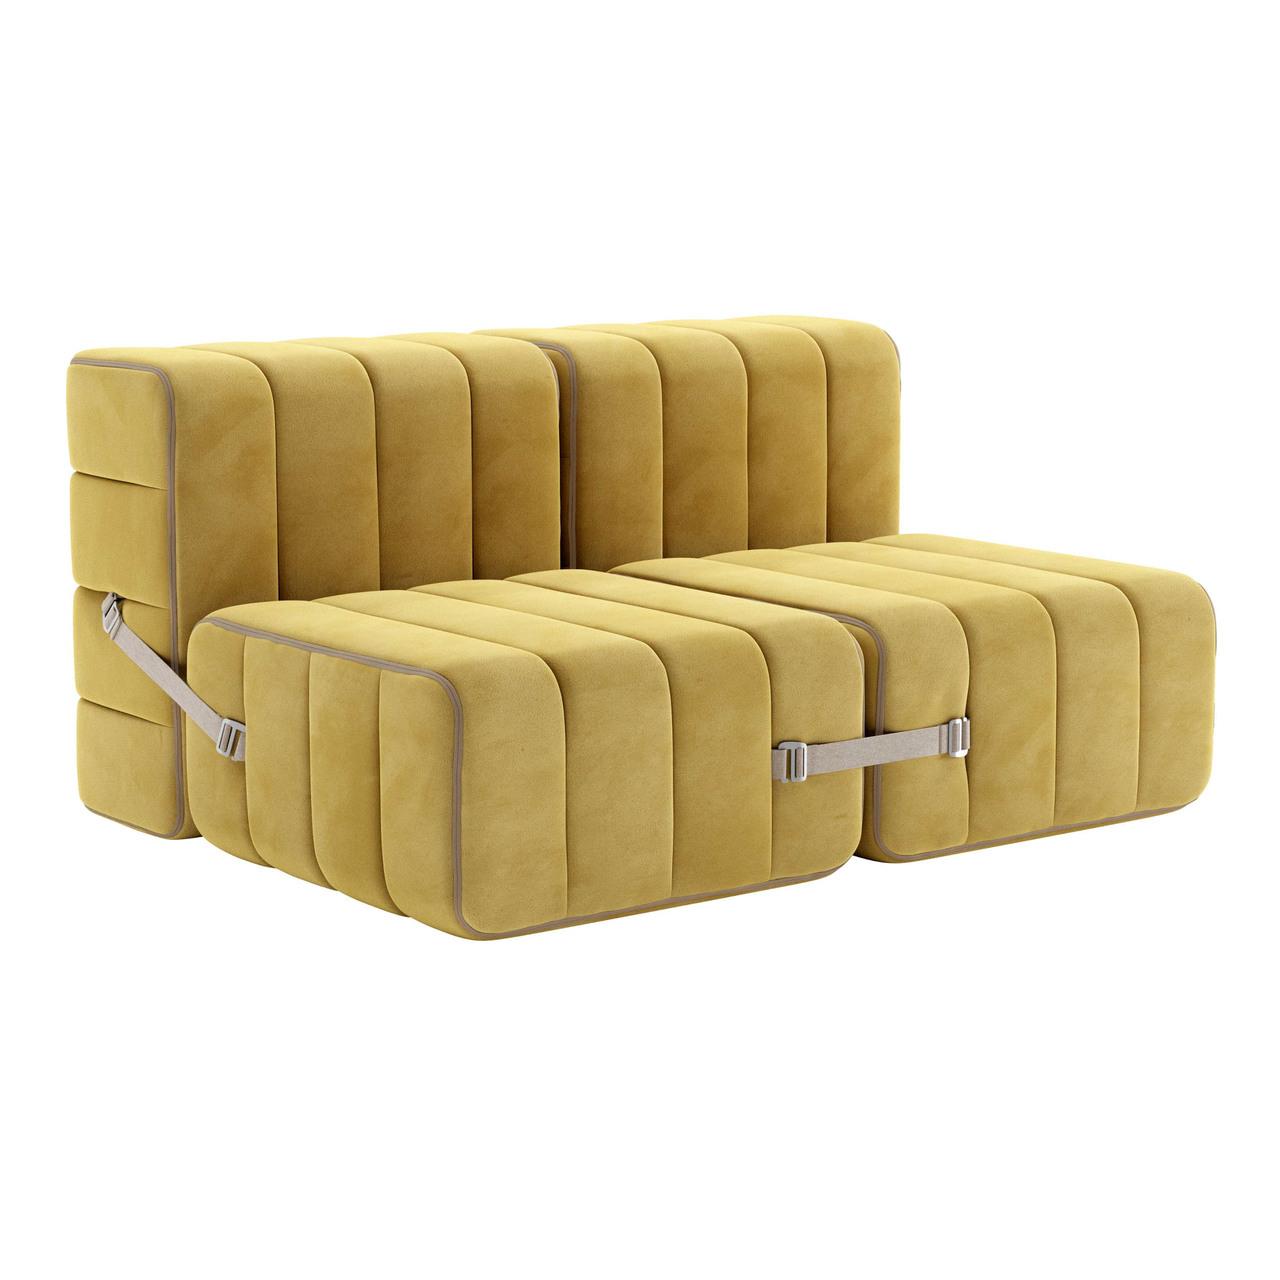 Ambivalenz Flexibler 2-Sitzer 'Curt' Cornhusk (Gelb)